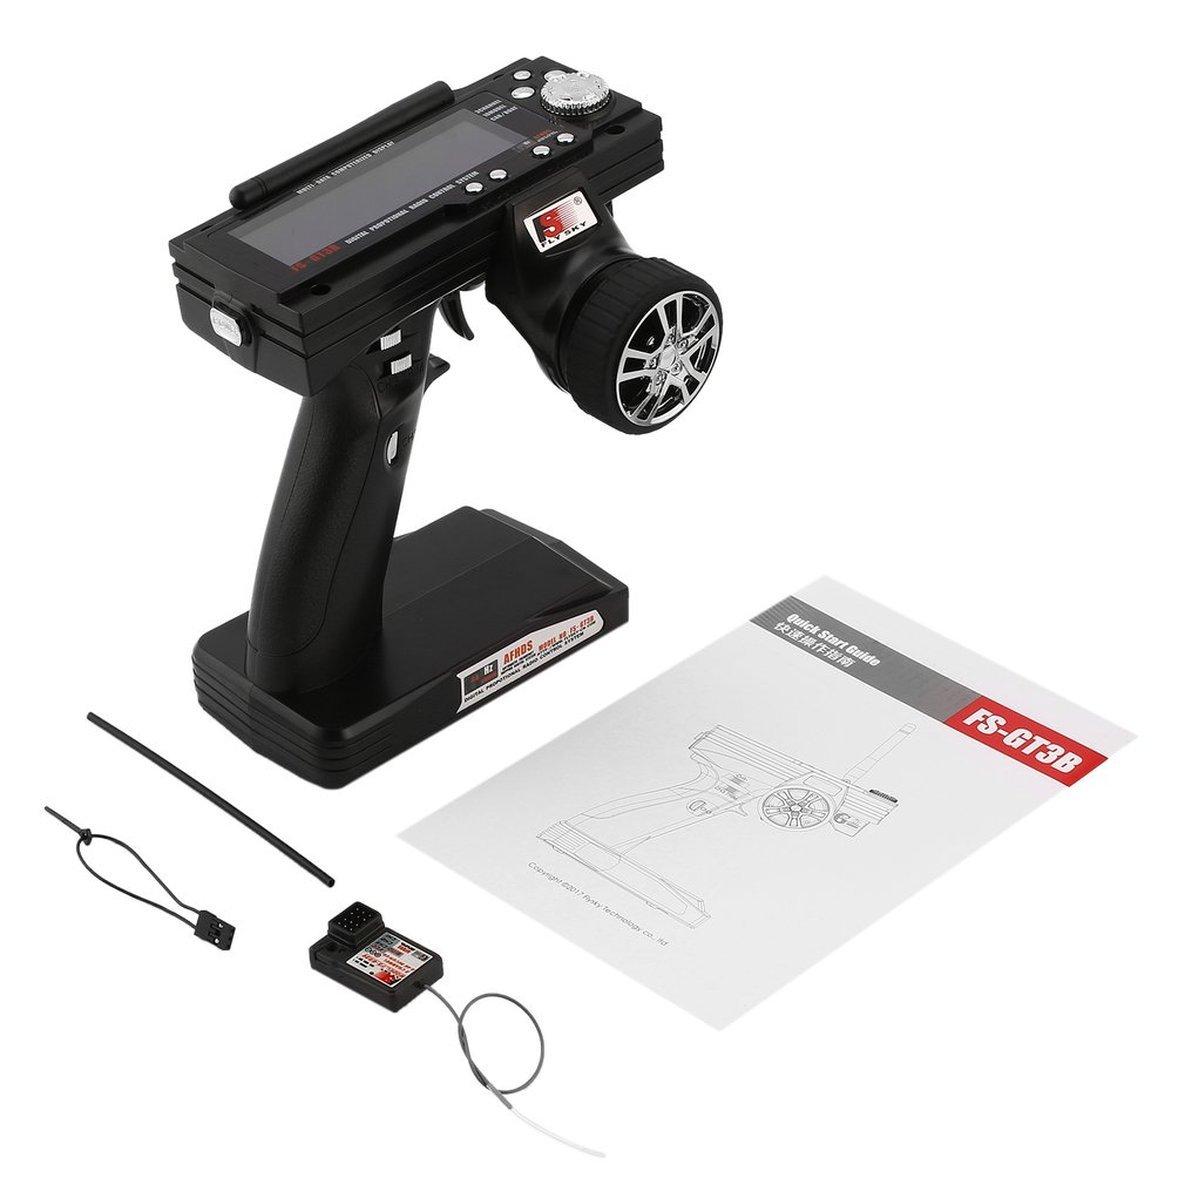 FS-GT3B 2.4G 3CH RC Stiefel Steuerpistole Sender / w TX Empfänger Für Die Meisten die Radio Control Modelle Hohe empfänger Empfindlichkeit